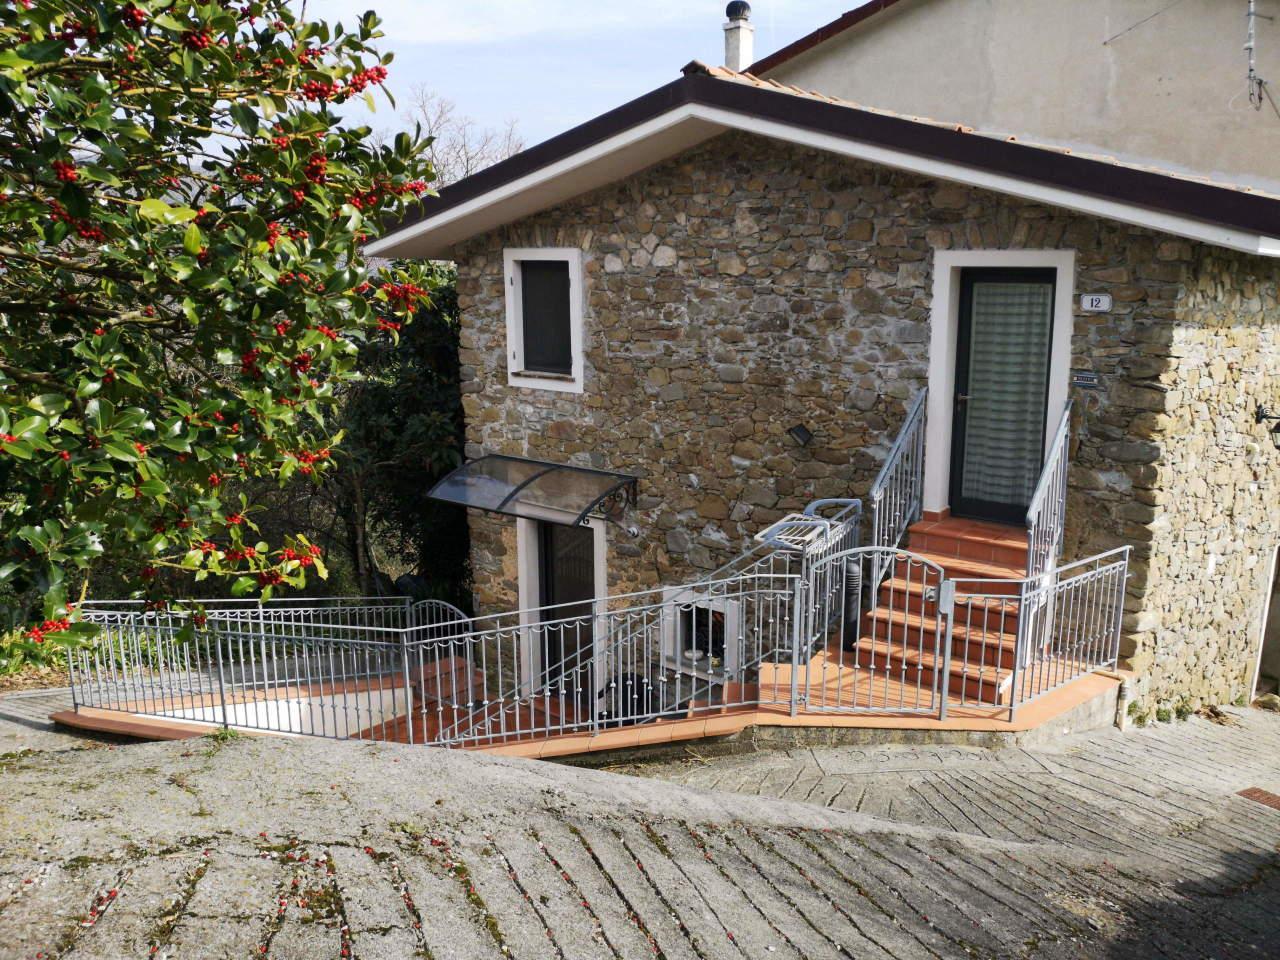 Soluzione Semindipendente in affitto a Beverino, 3 locali, prezzo € 400 | PortaleAgenzieImmobiliari.it